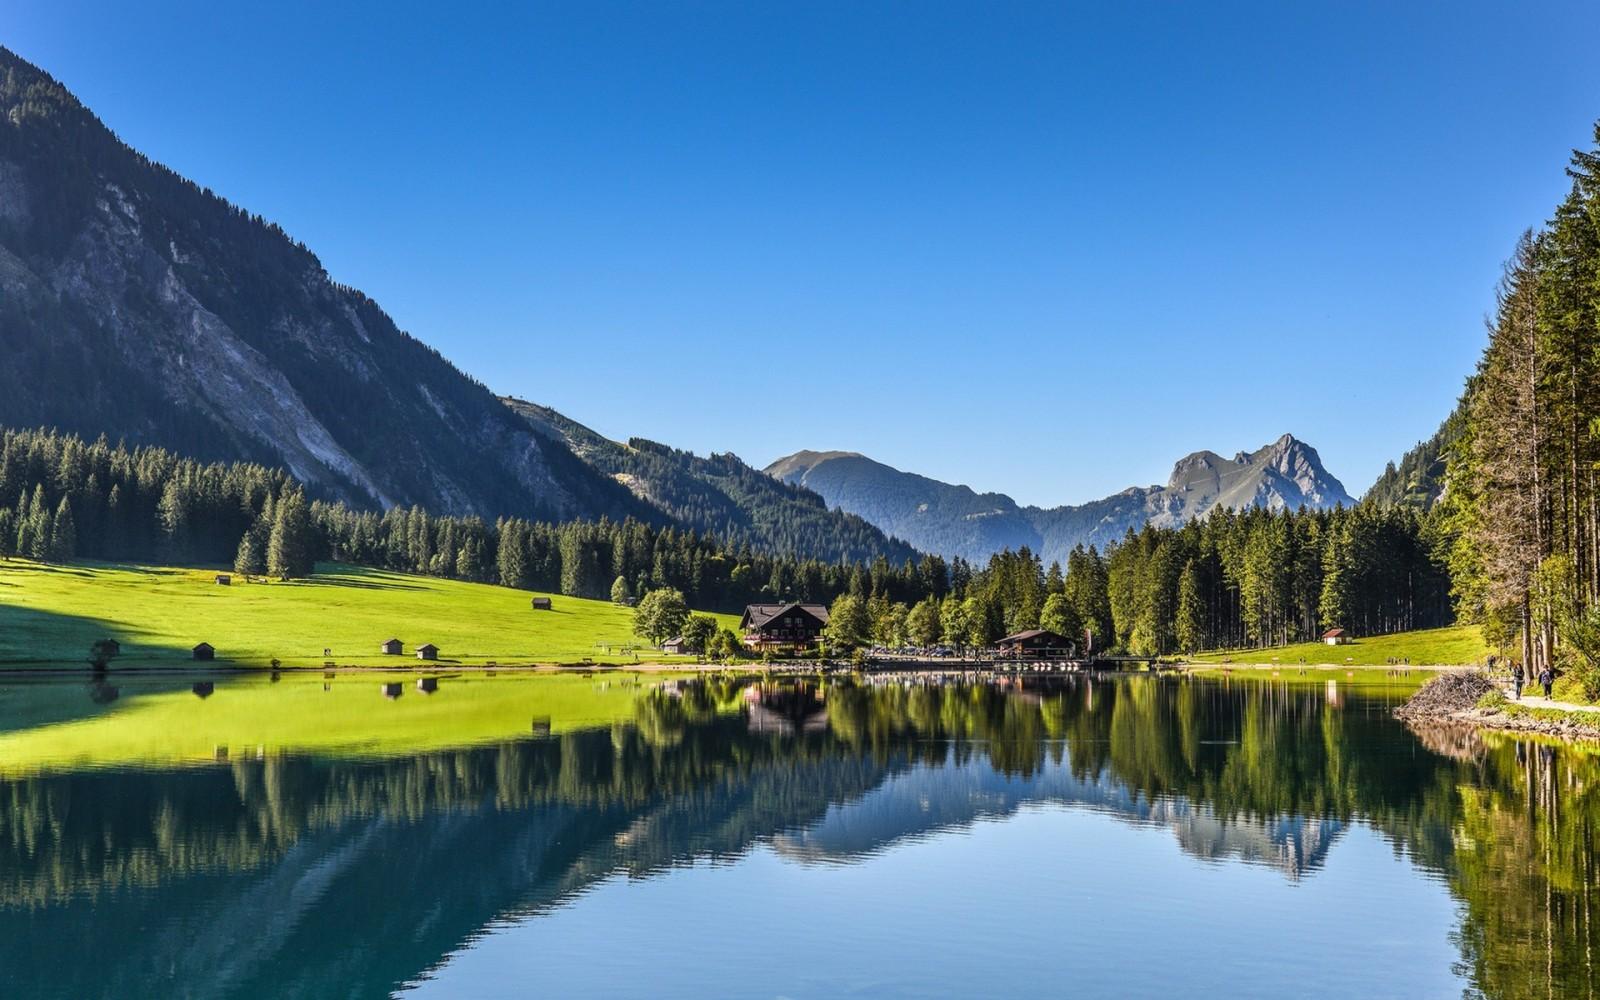 Купить отель на три звезды в Тироле с рестораном и бассейном (Австрия) — от 3 650 000 EUR